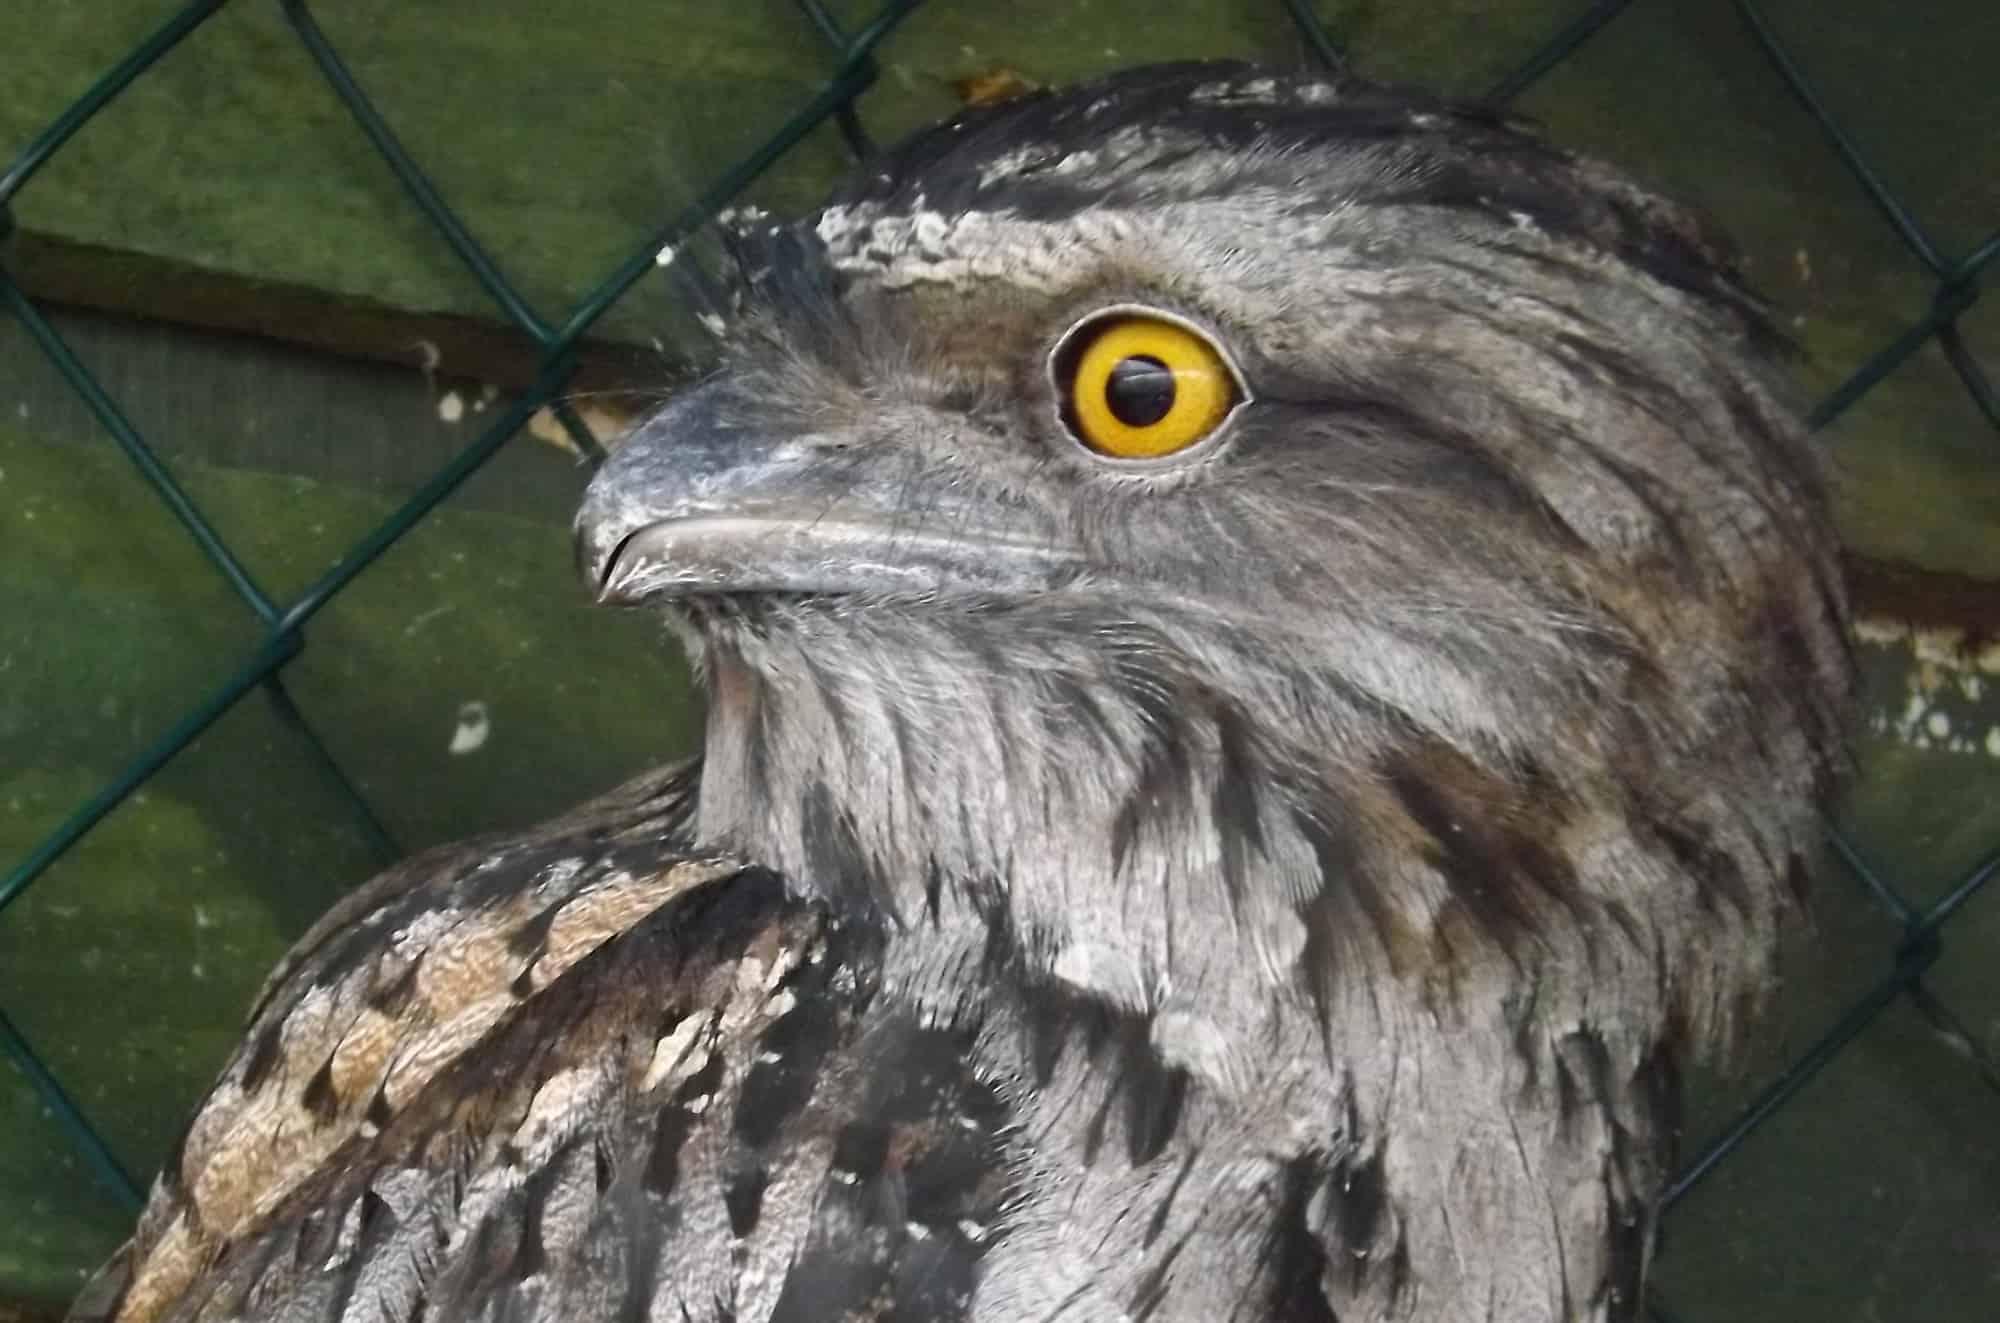 Freddie - The Owls Trust